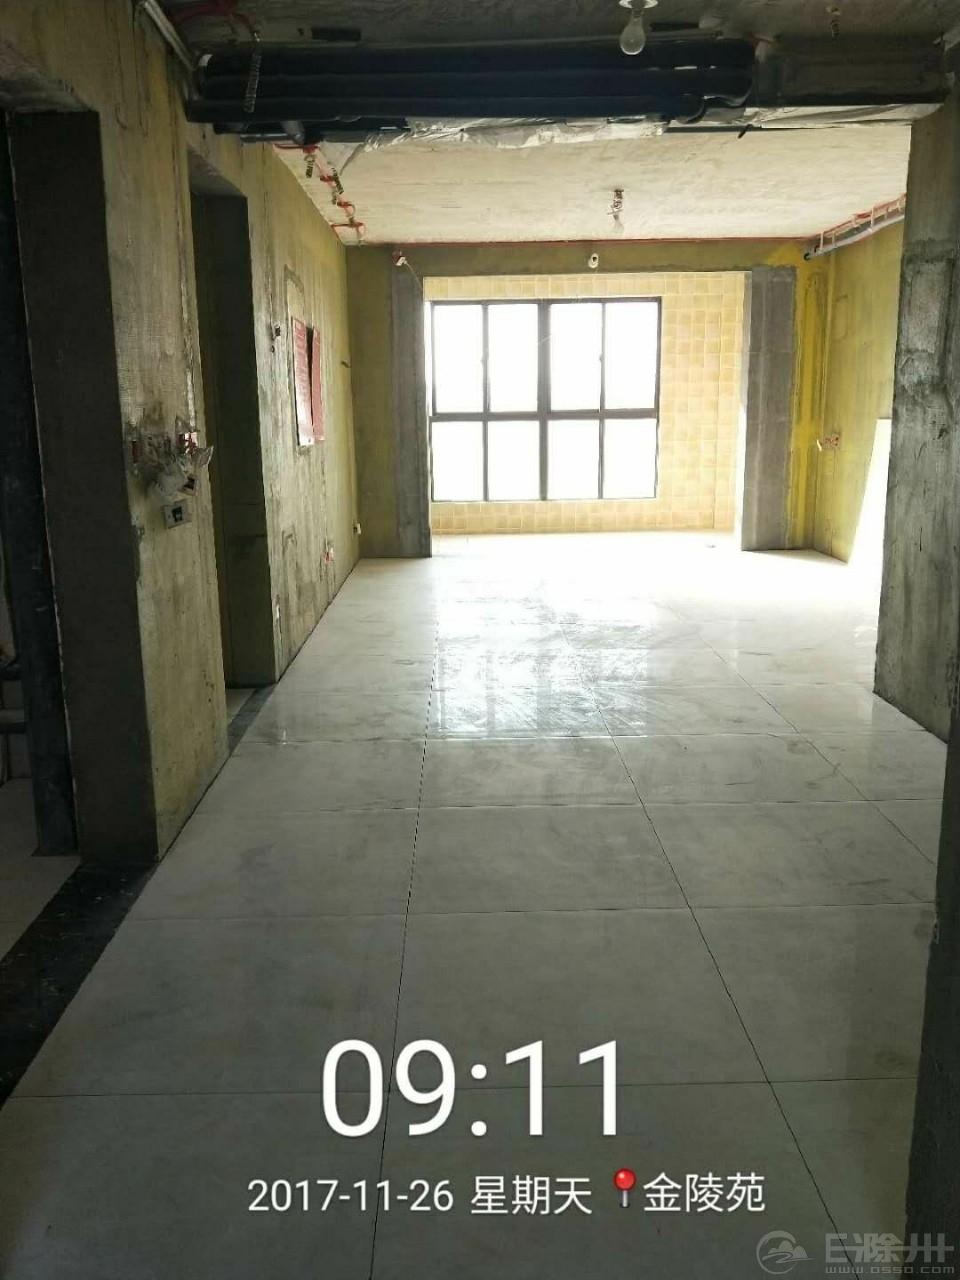 20171126_830471_1511699387484.jpg